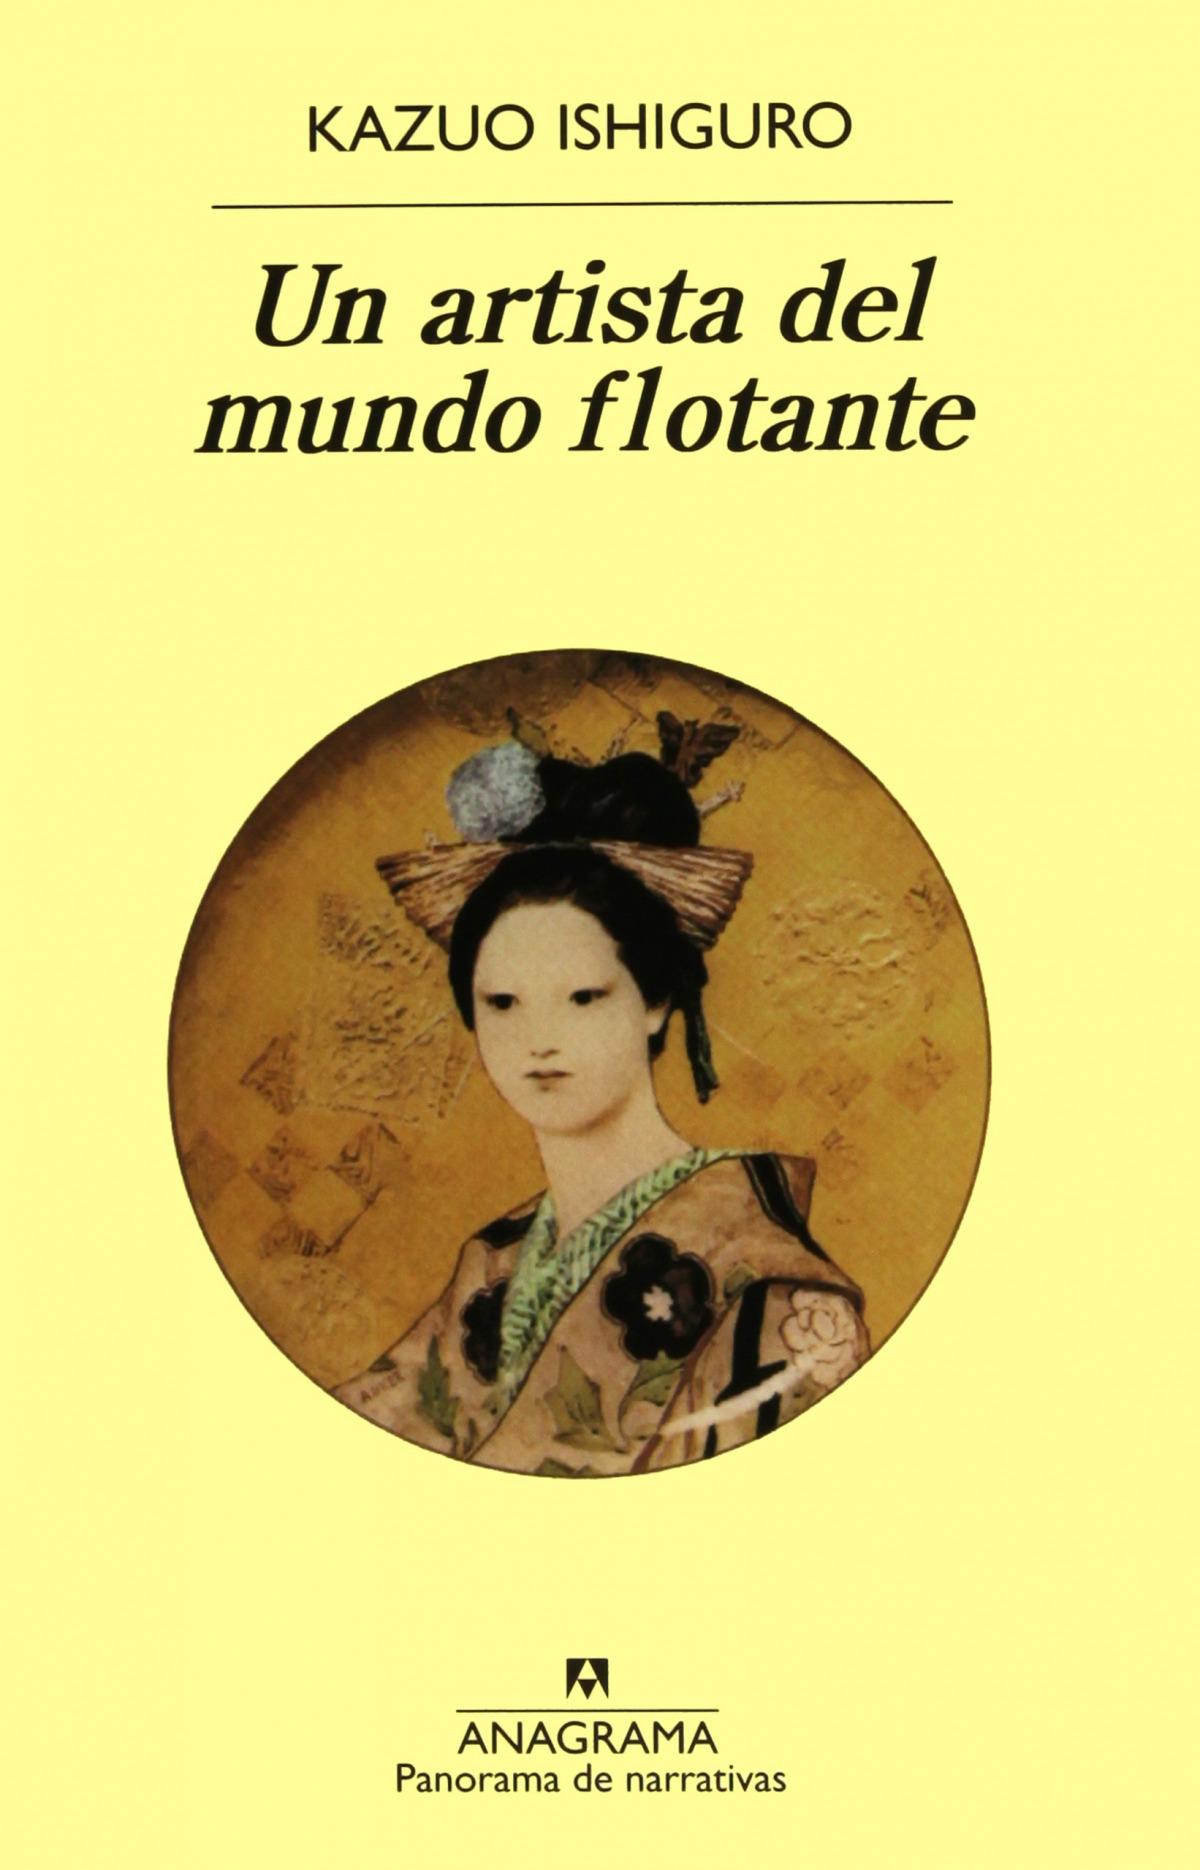 UN ARTISTA DEL MUNDO FLOTANTE 9788433931764